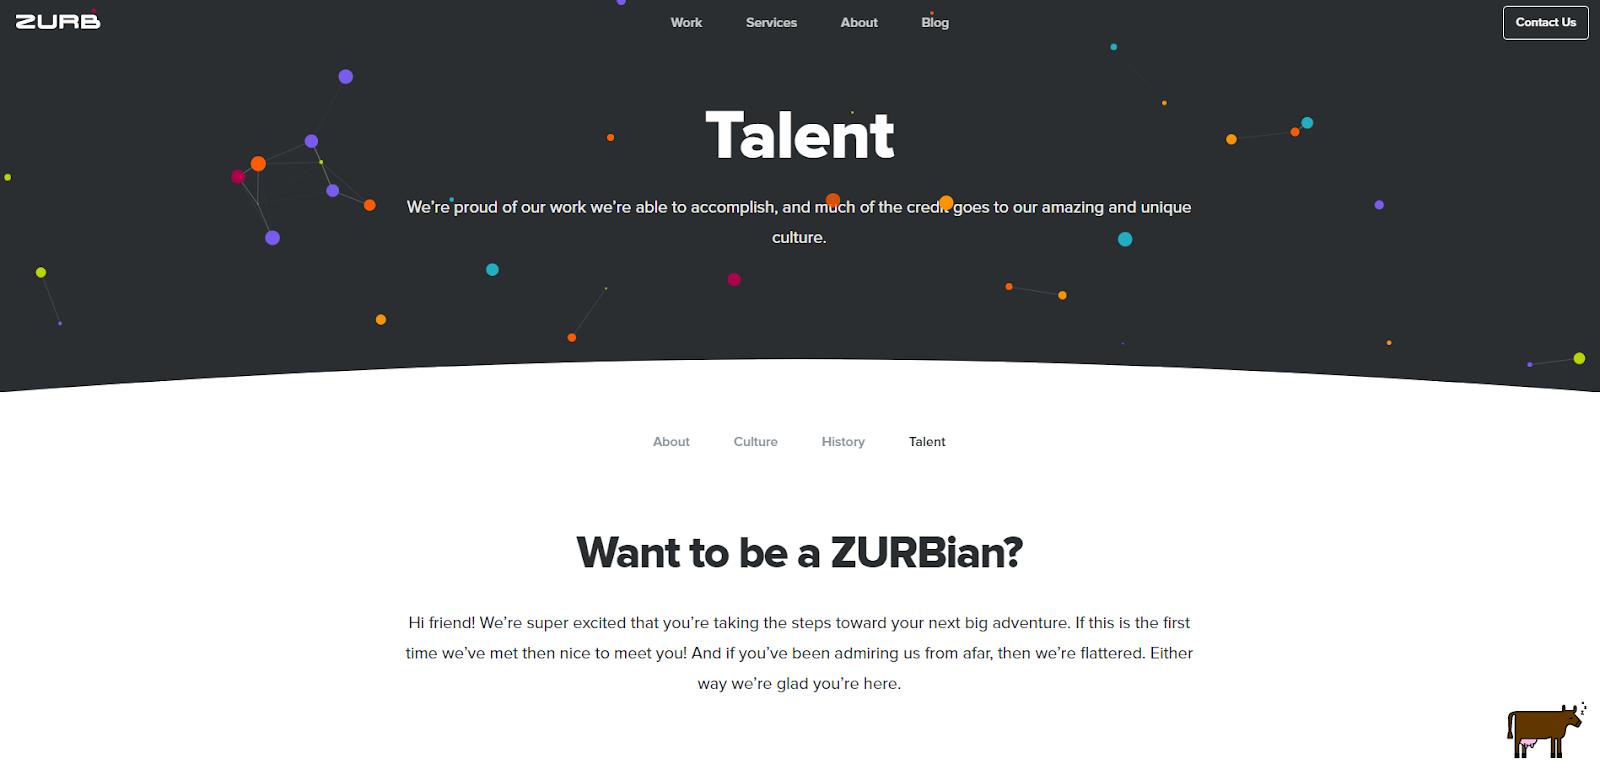 Zurb Talent Page